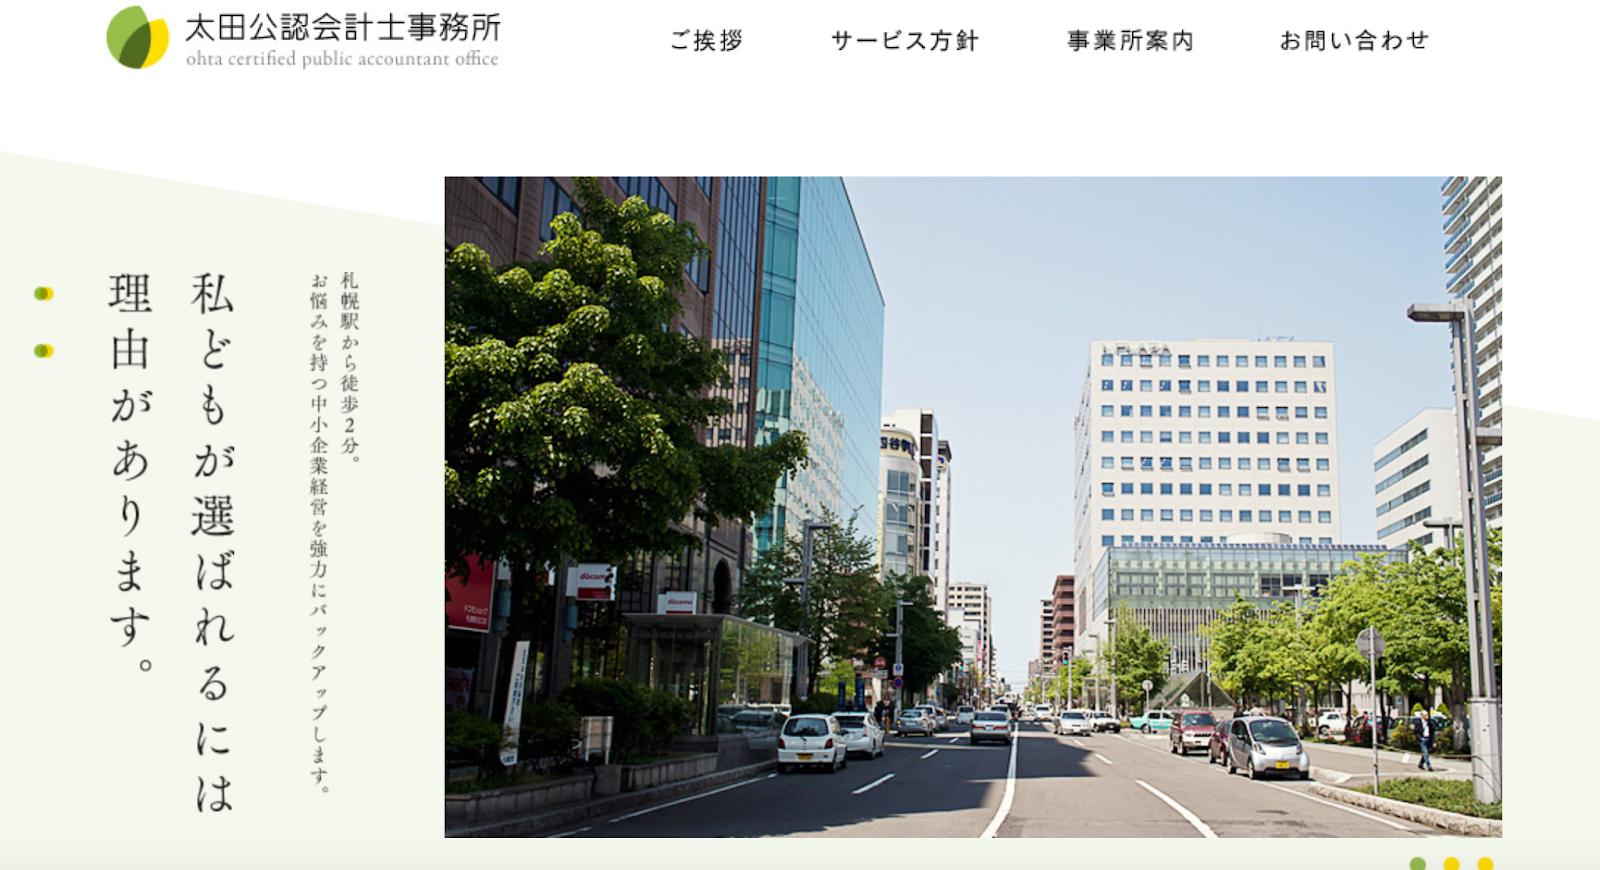 4. 札幌駅北口徒歩2分 太田公認会計士